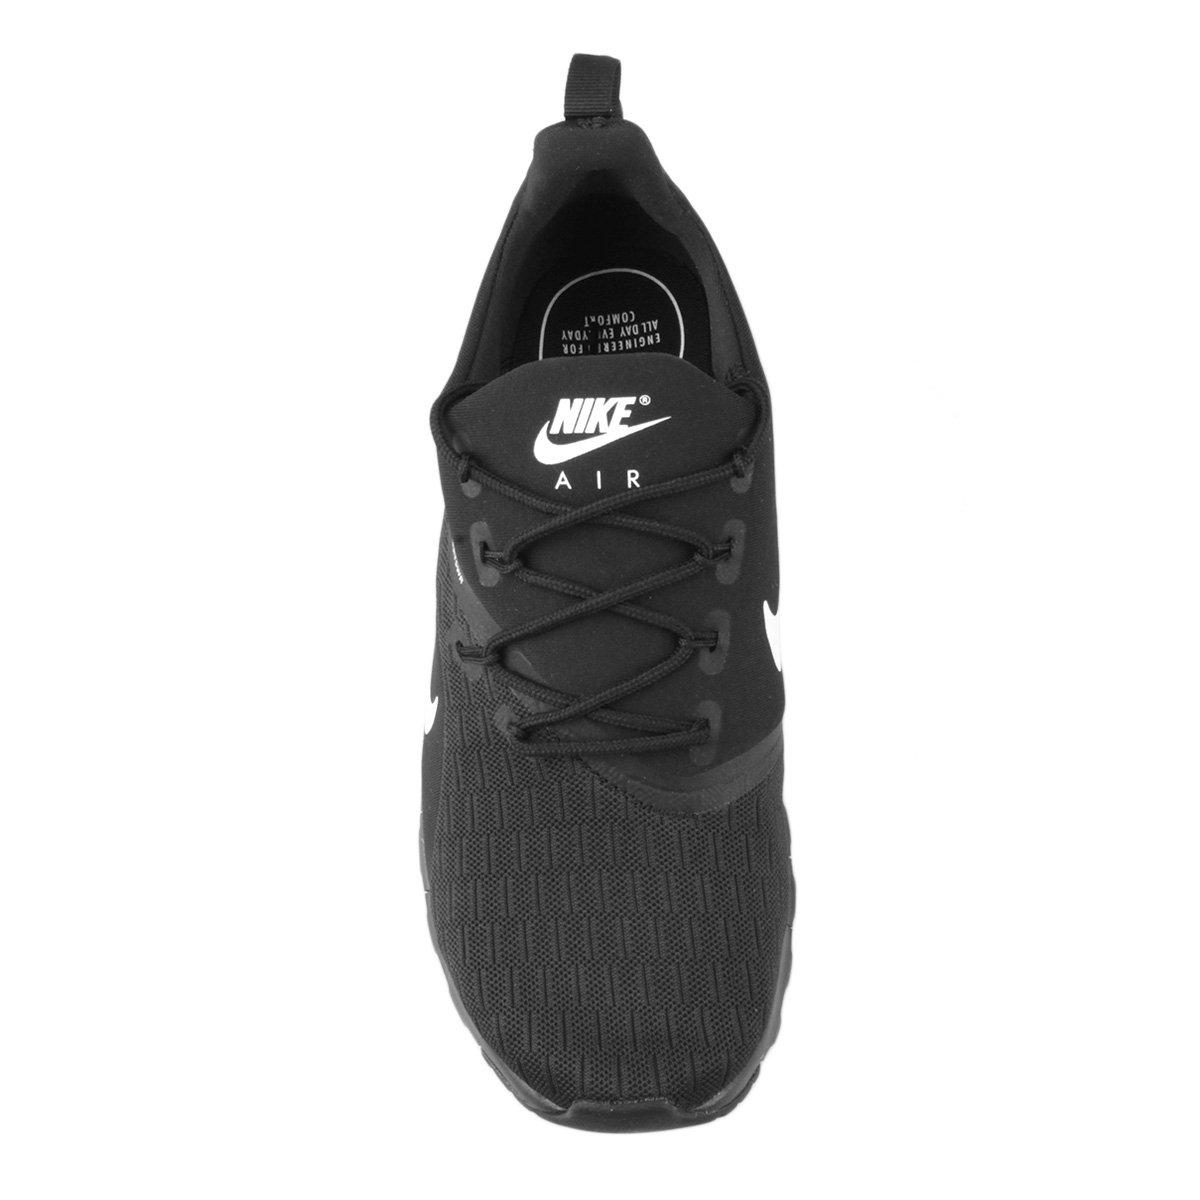 Tênis Nike Air Max Motion Racer 2 - Compre Agora  d91a540e75f28